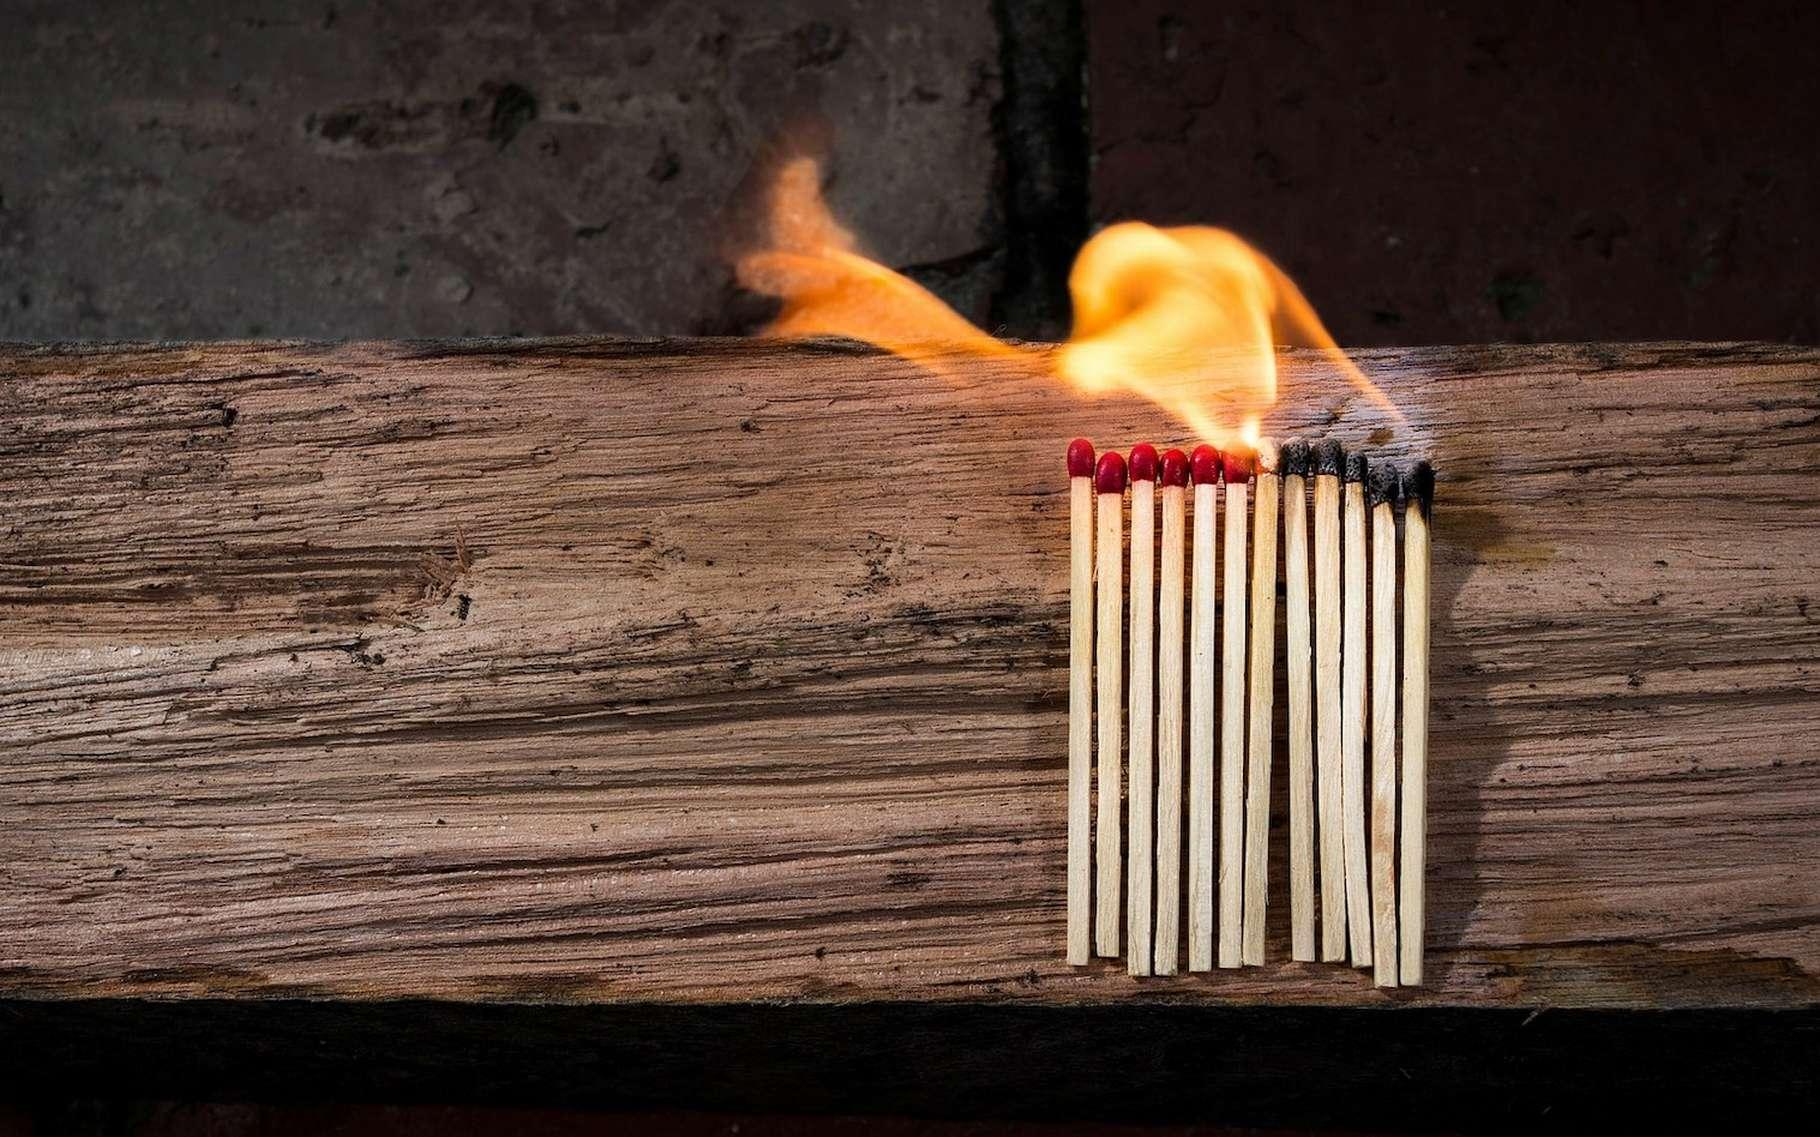 En frottant énergiquement un morceau de bois contre un autre, on peut obtenir du feu. Mais c'est bien plus simple avec l'aide d'une allumette. © raedon, Pixabay License